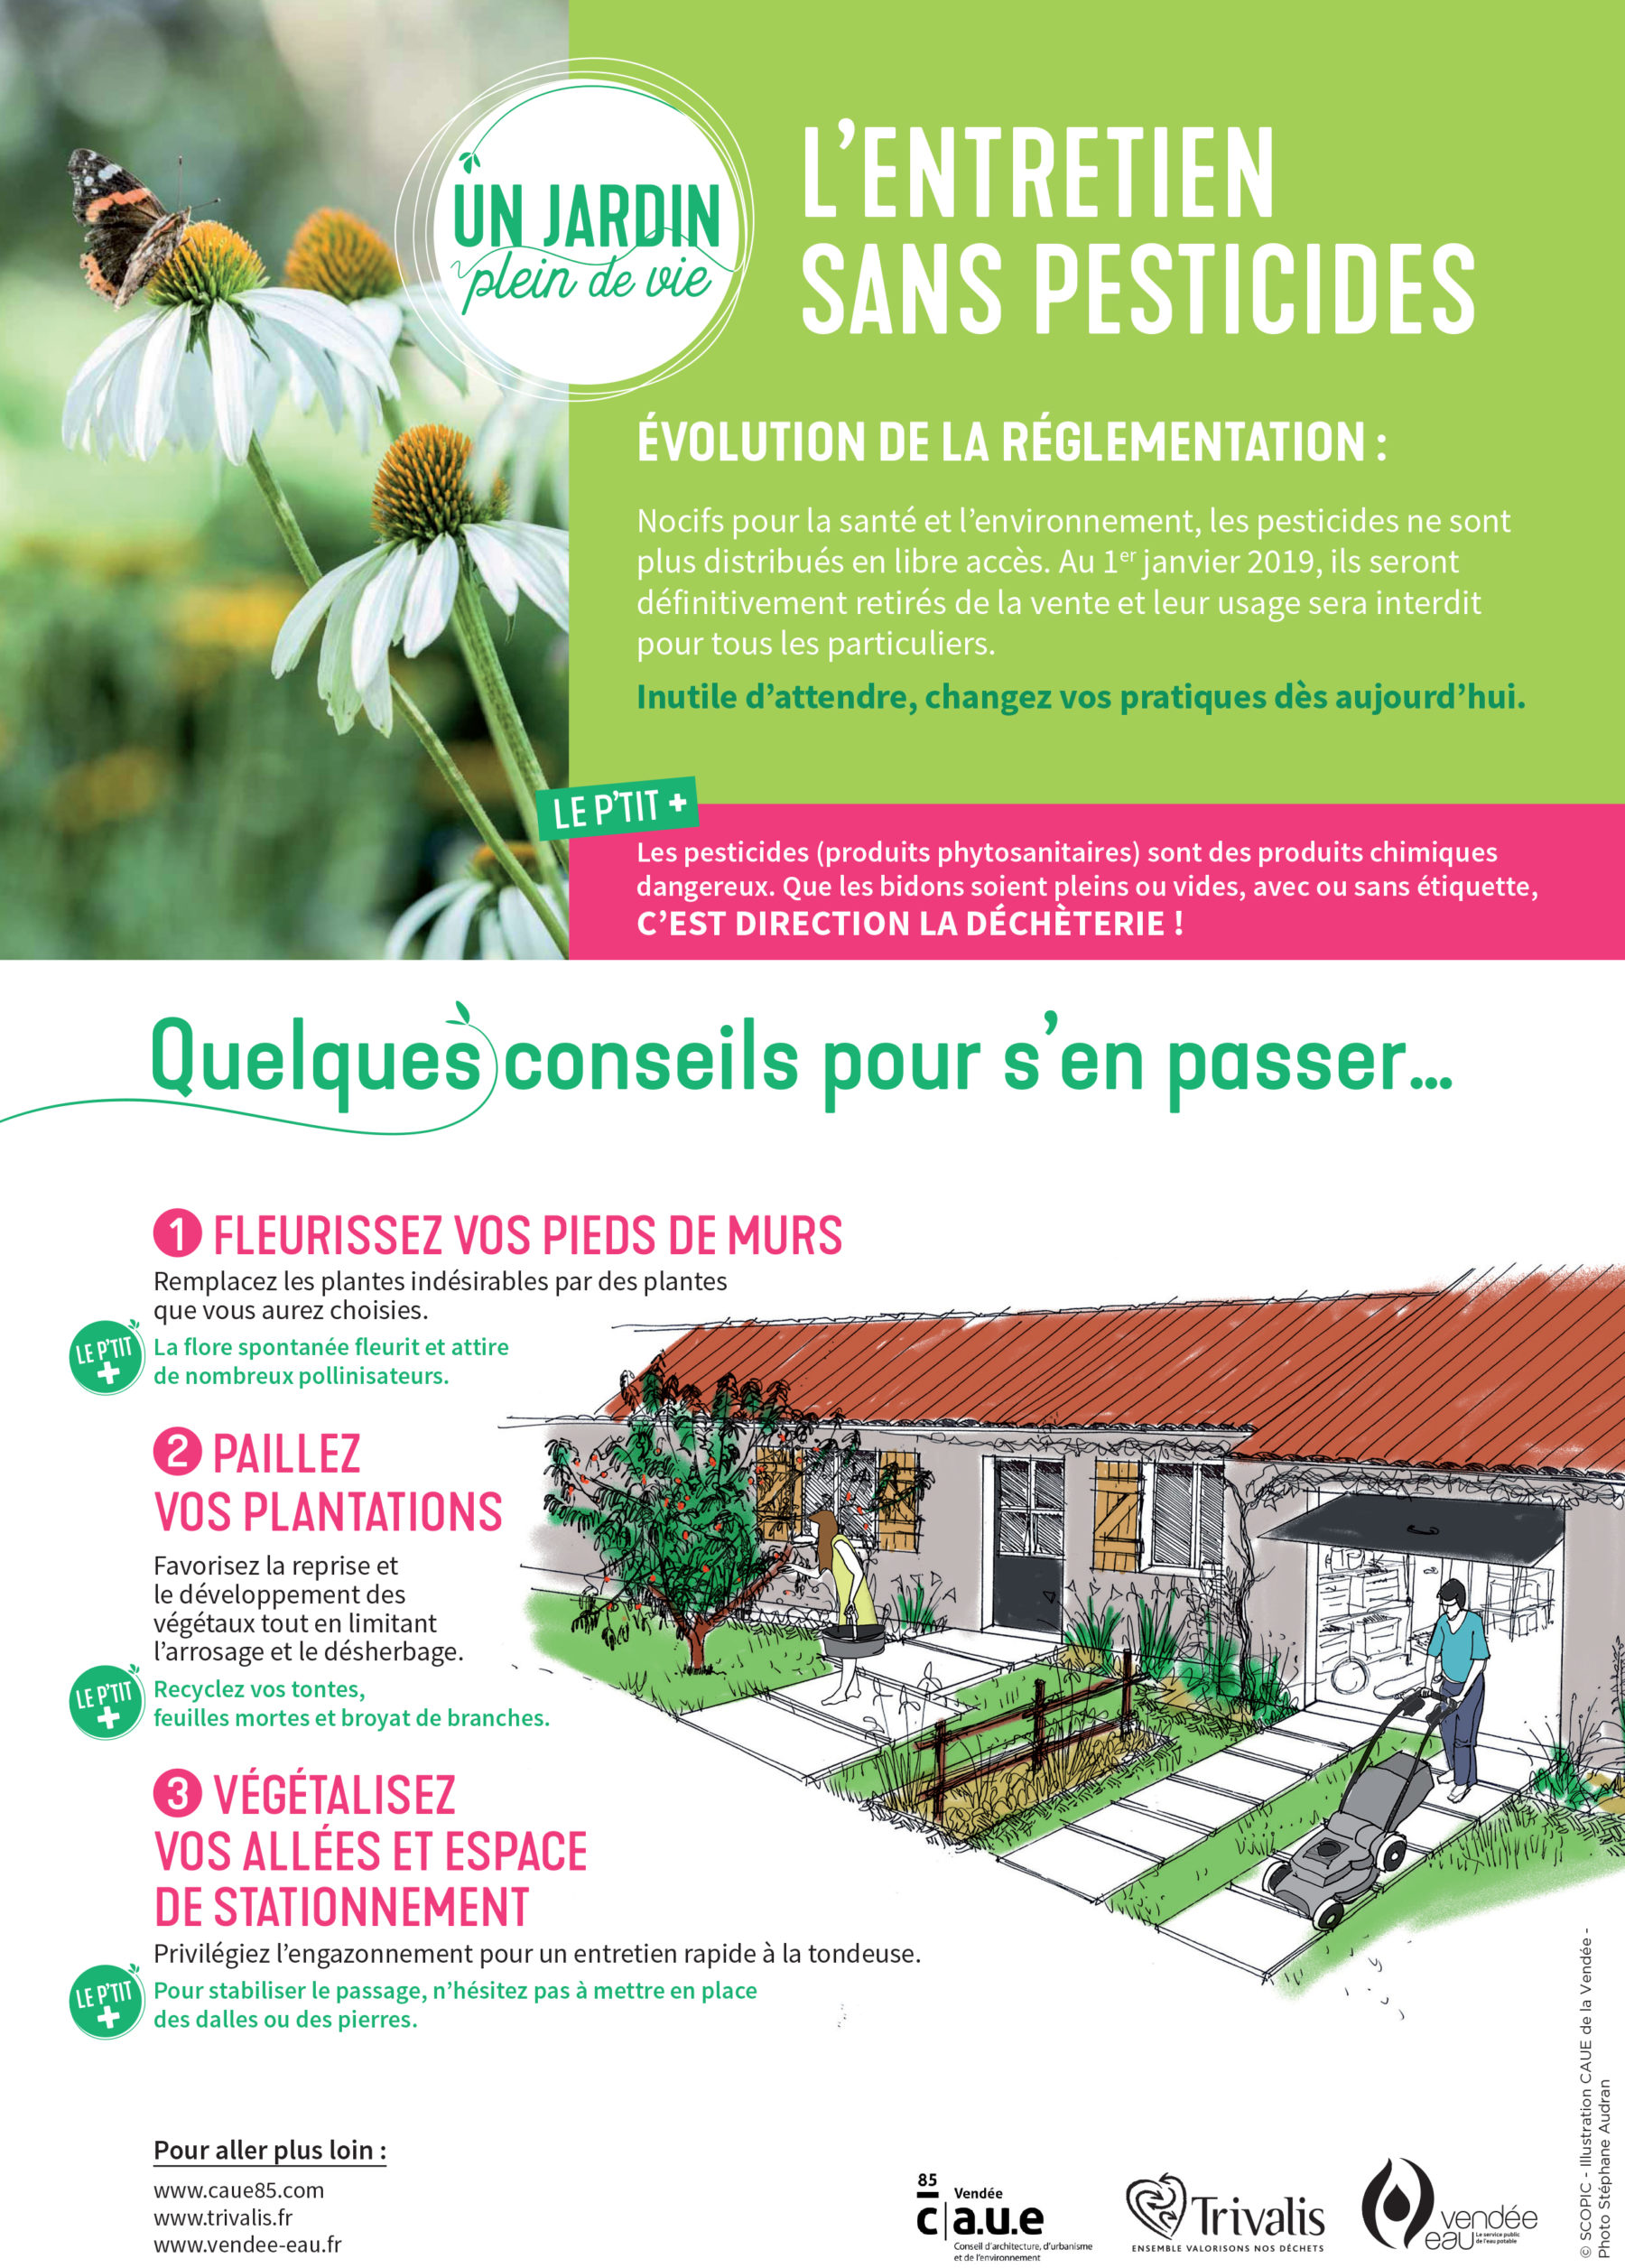 un jardin plein de vie - l'entretien sans pesticide | trivalis